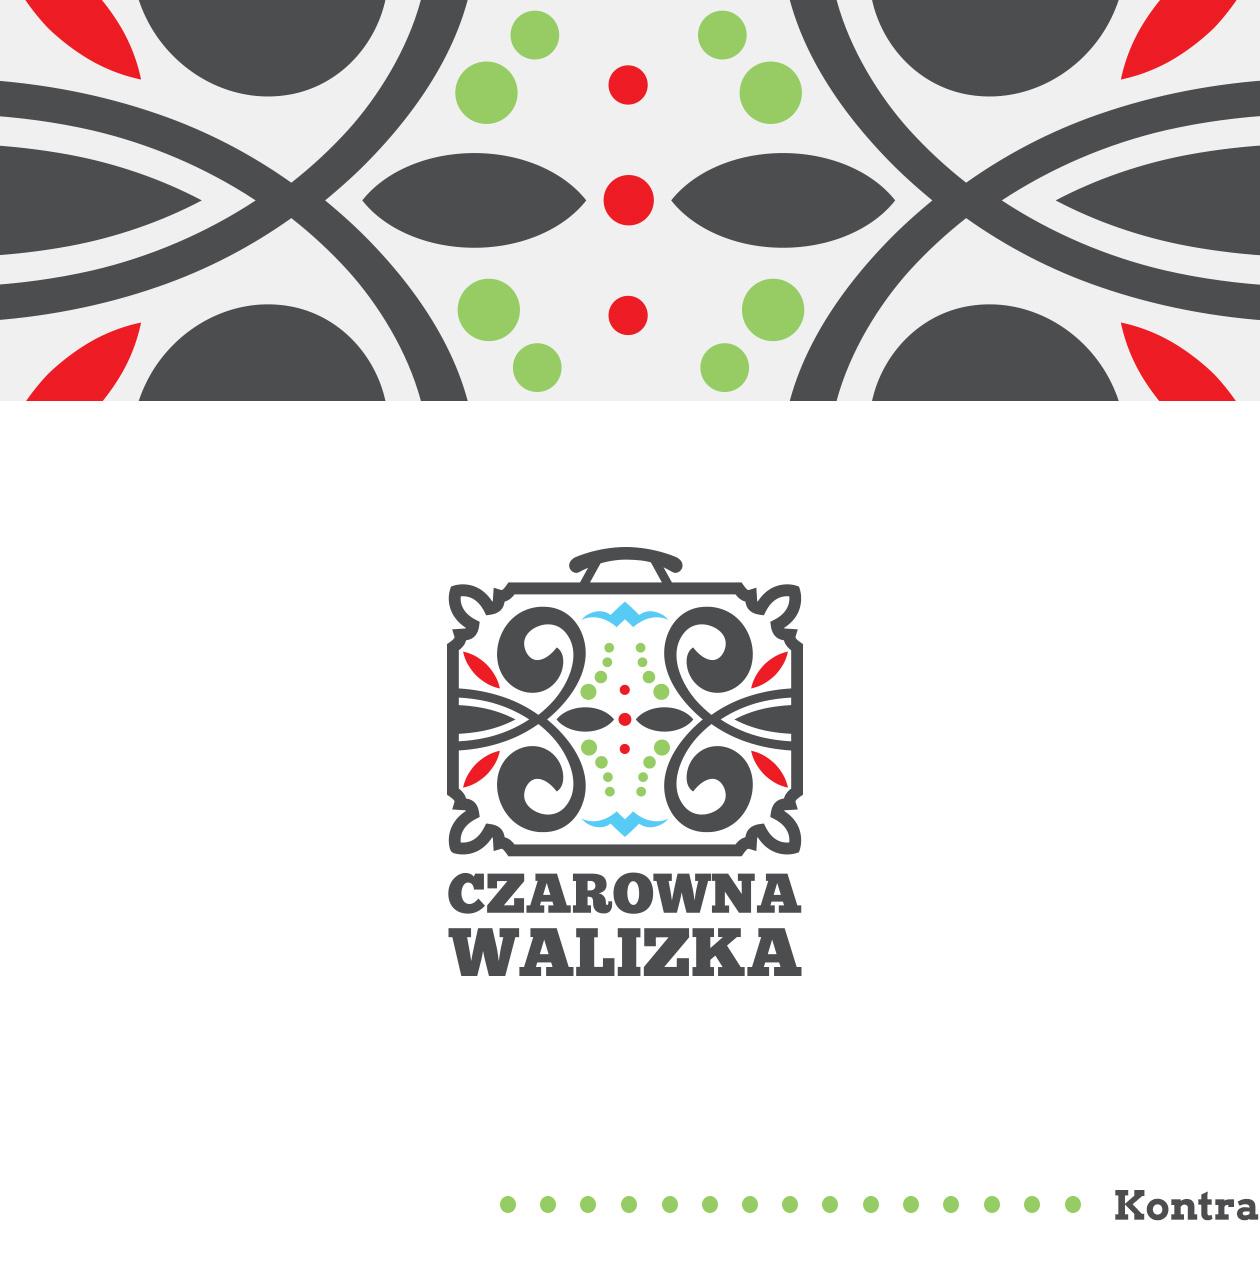 Logotyp Czarowna Walizka